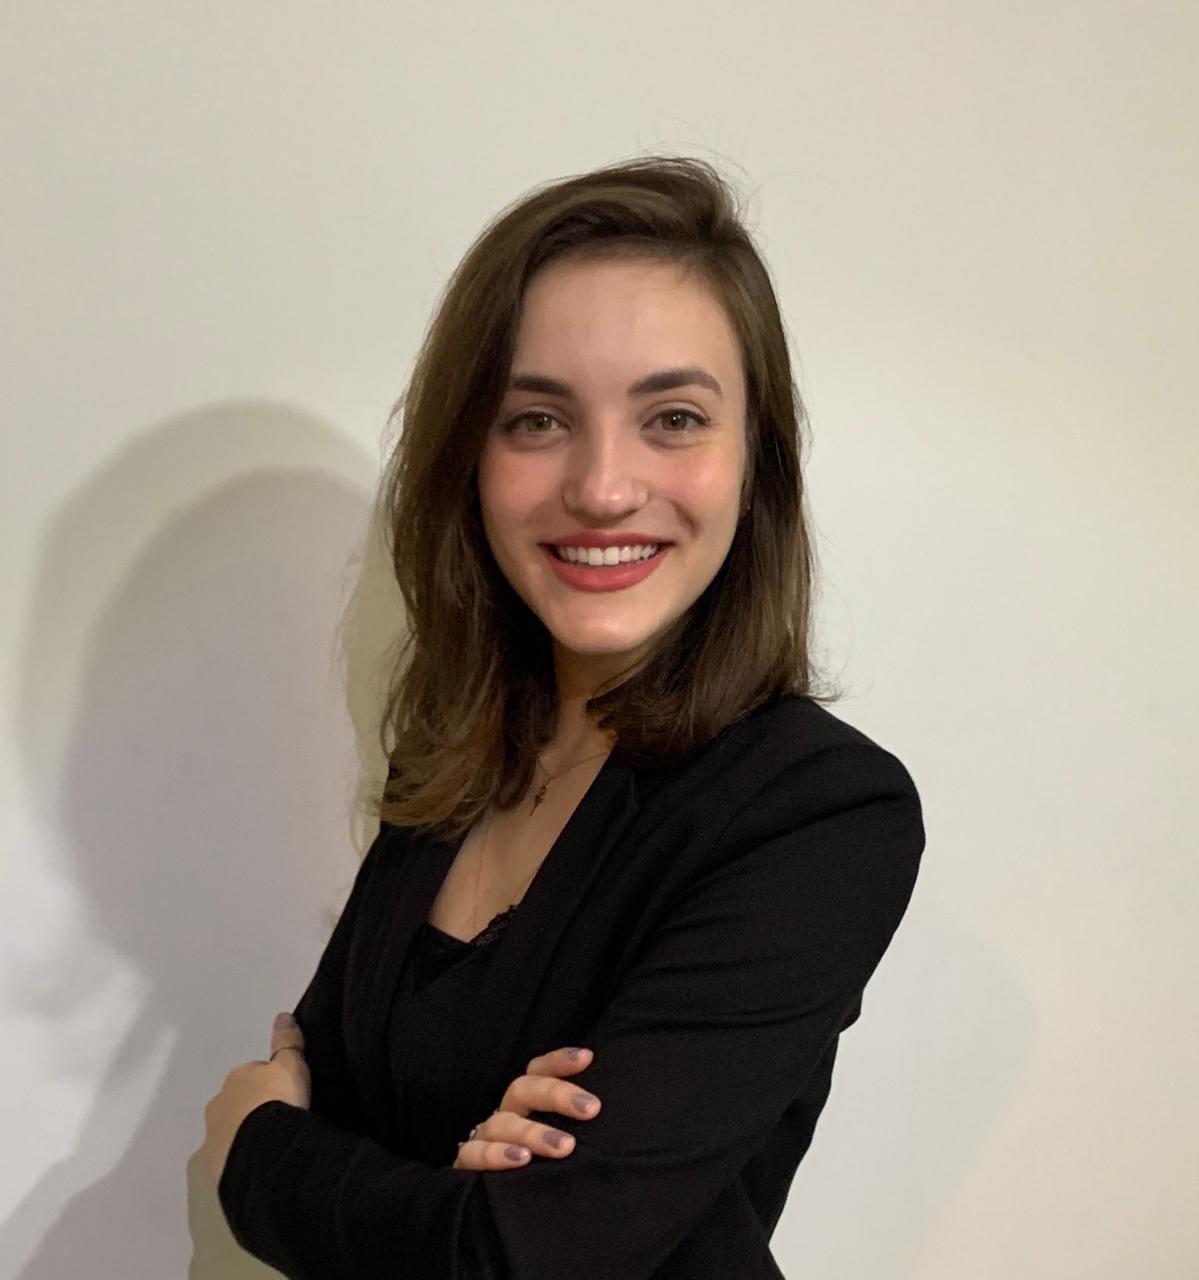 Maria Eduarda Corradini